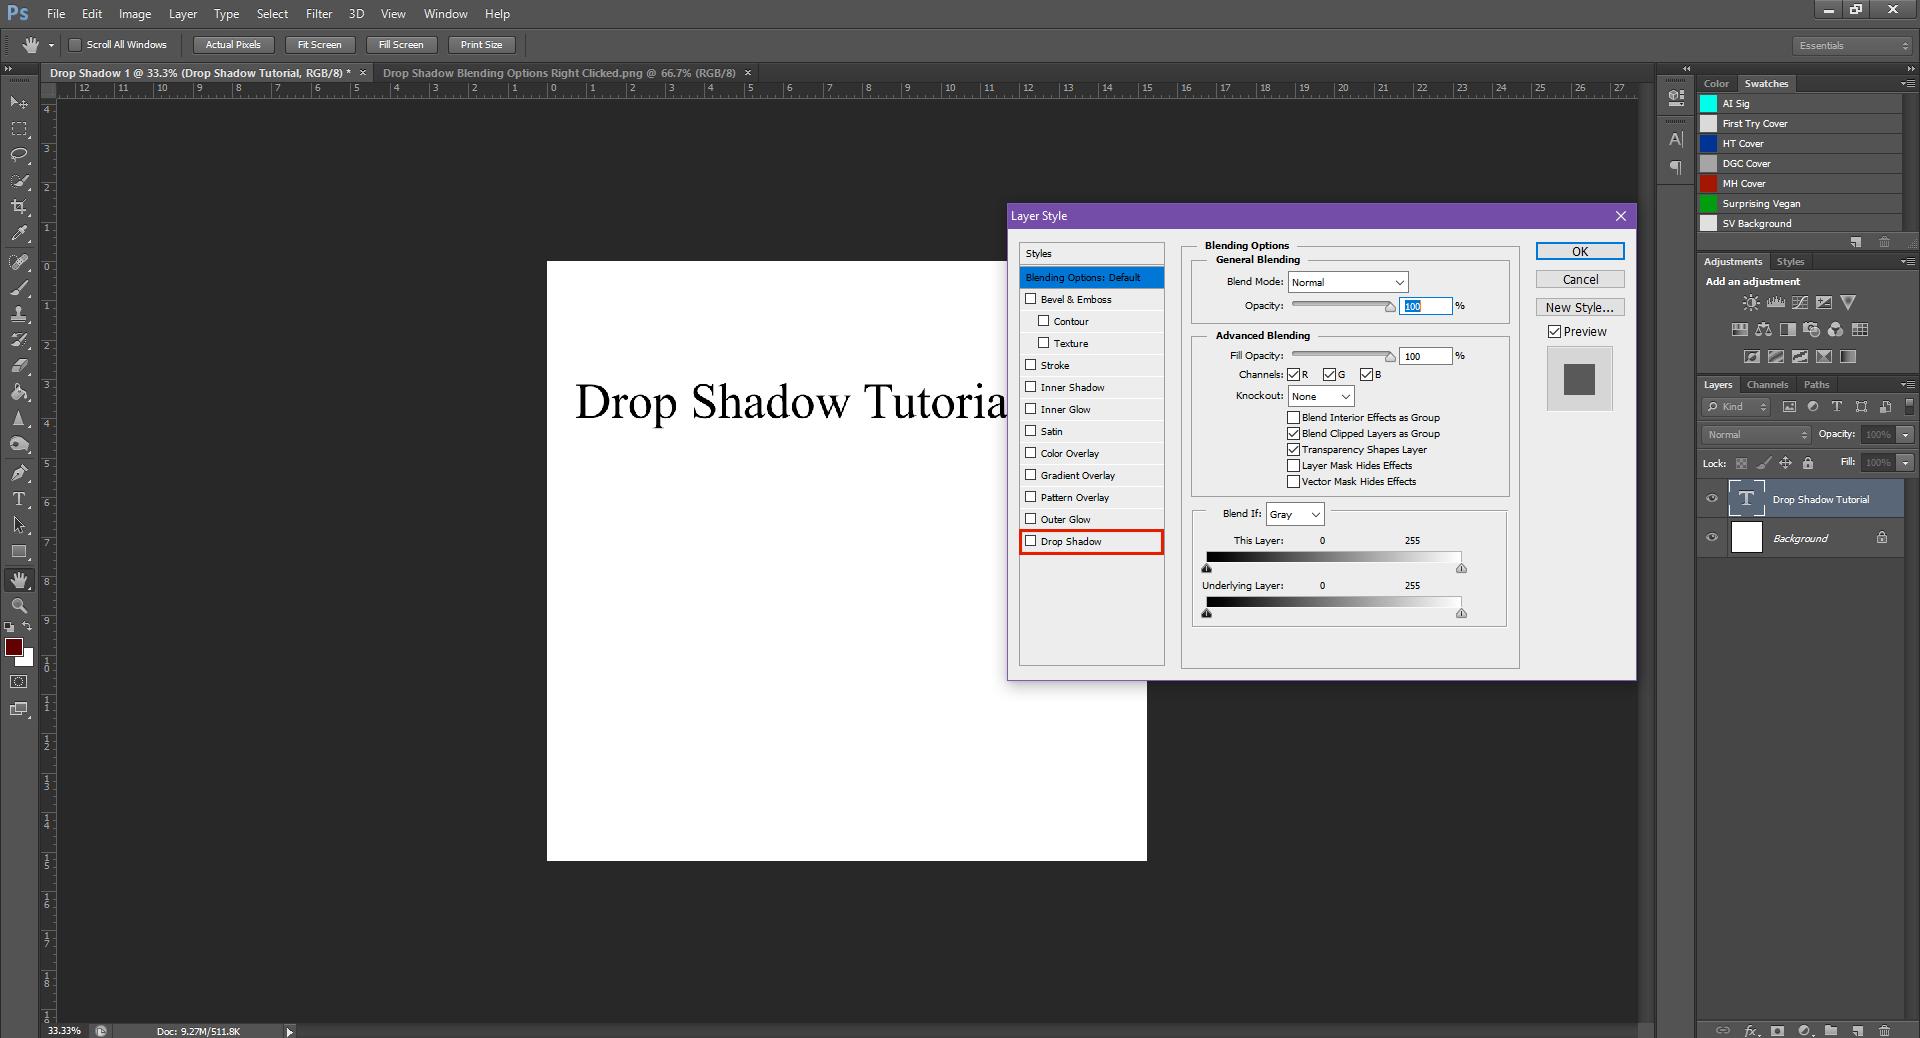 AterImber.com - Writing - Writing Tips - PHSH Tutorial - Drop Shadow - Blending Options Dialogue Box